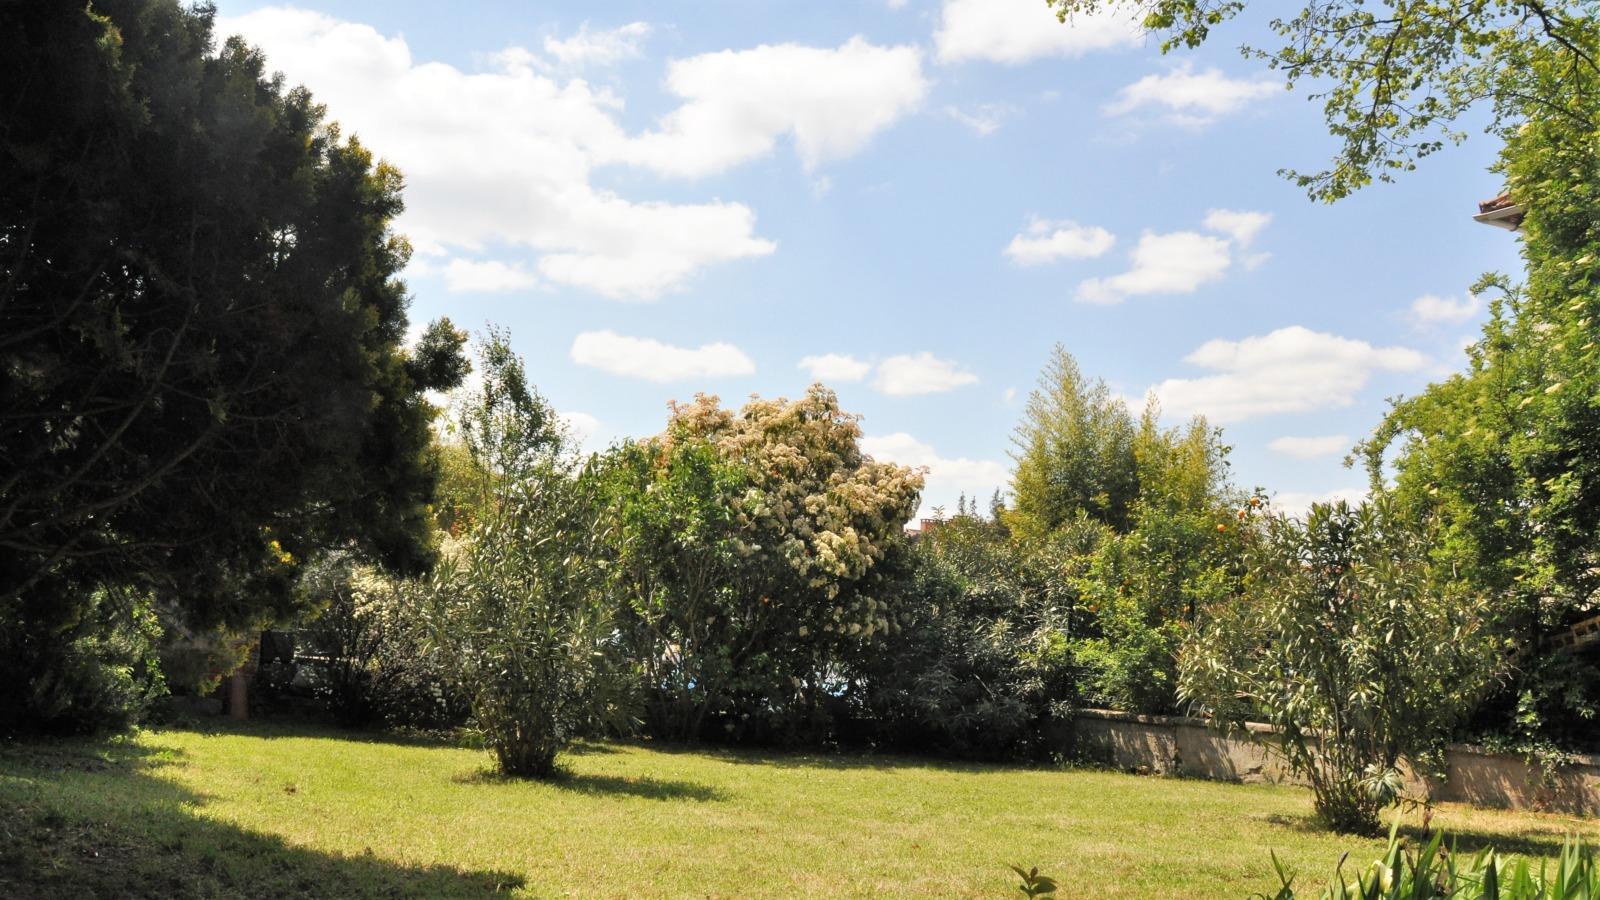 des arbres, de la pelouse, un muret